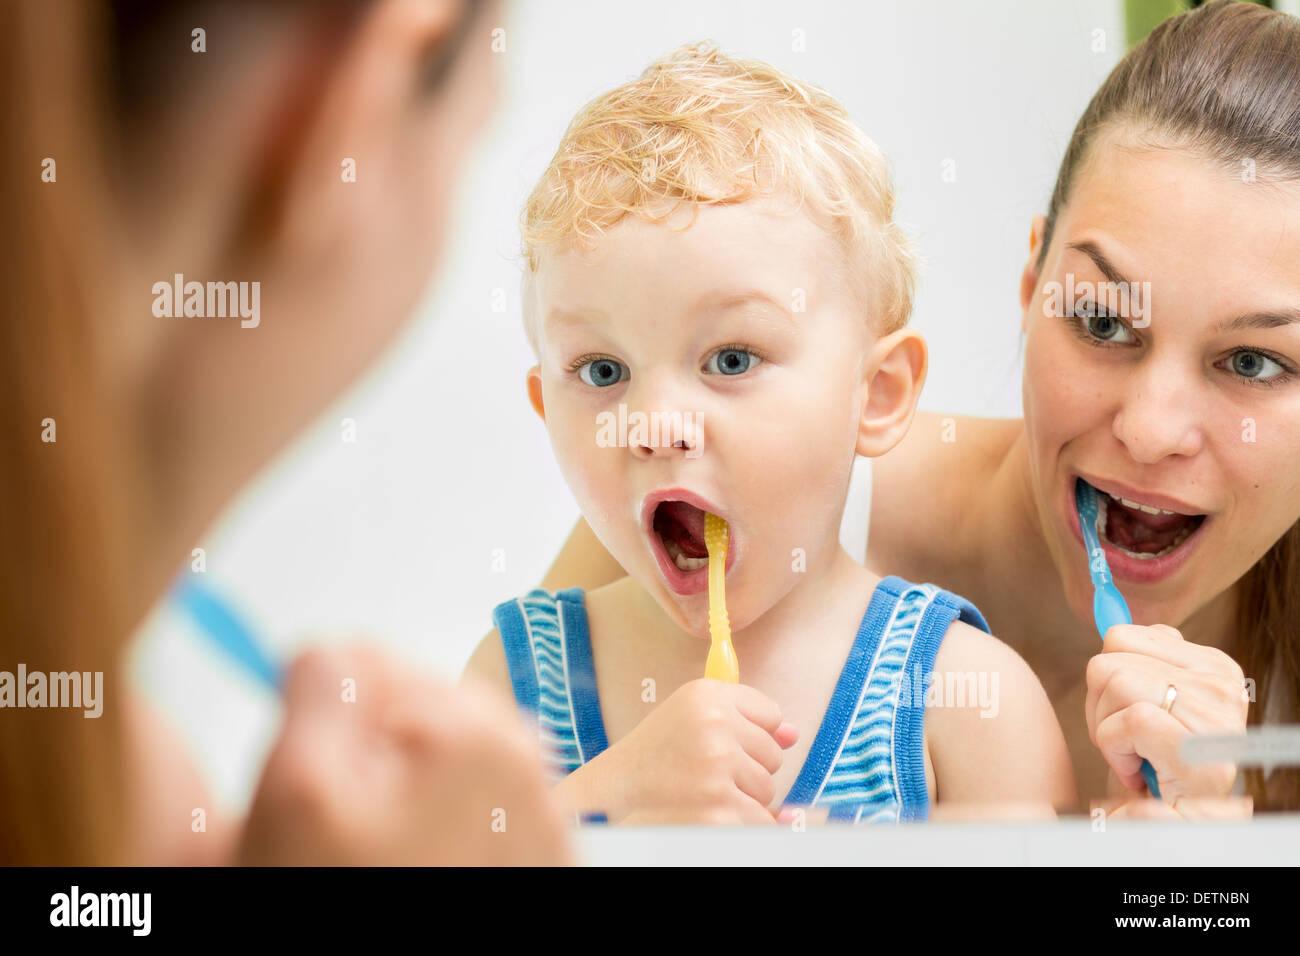 Mãe ensino kid escovar os dentes Imagens de Stock